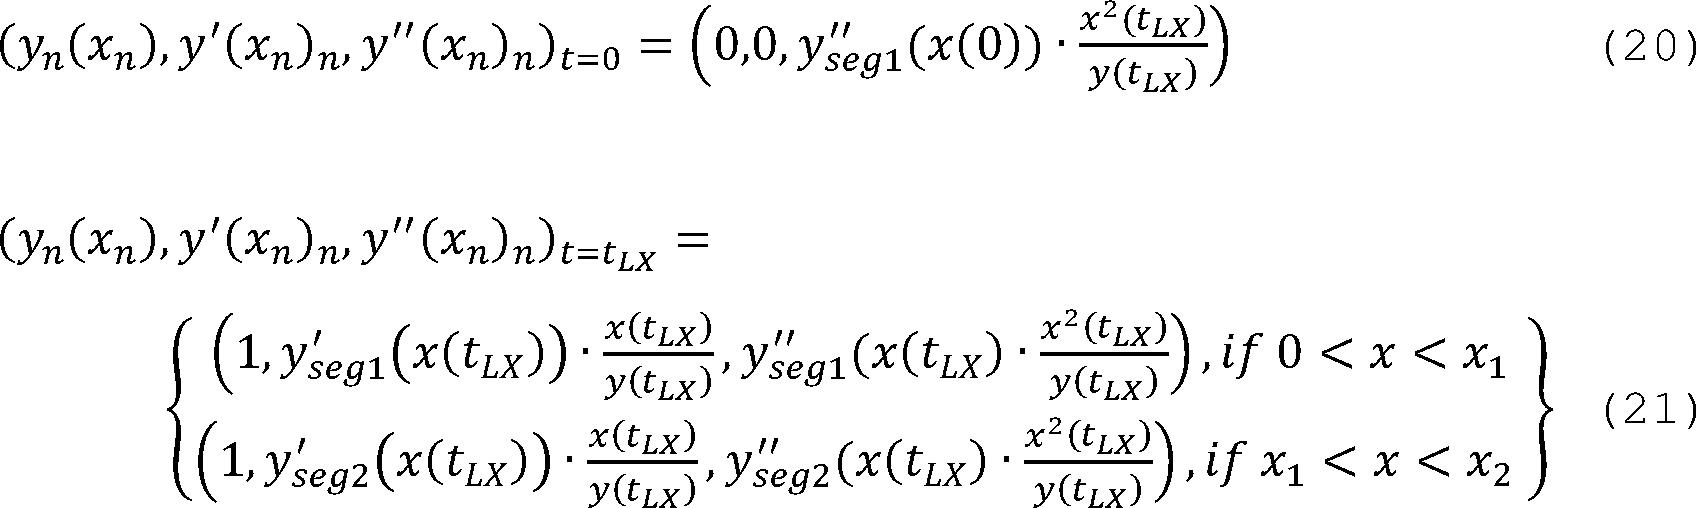 Figure DE102015114464A1_0008